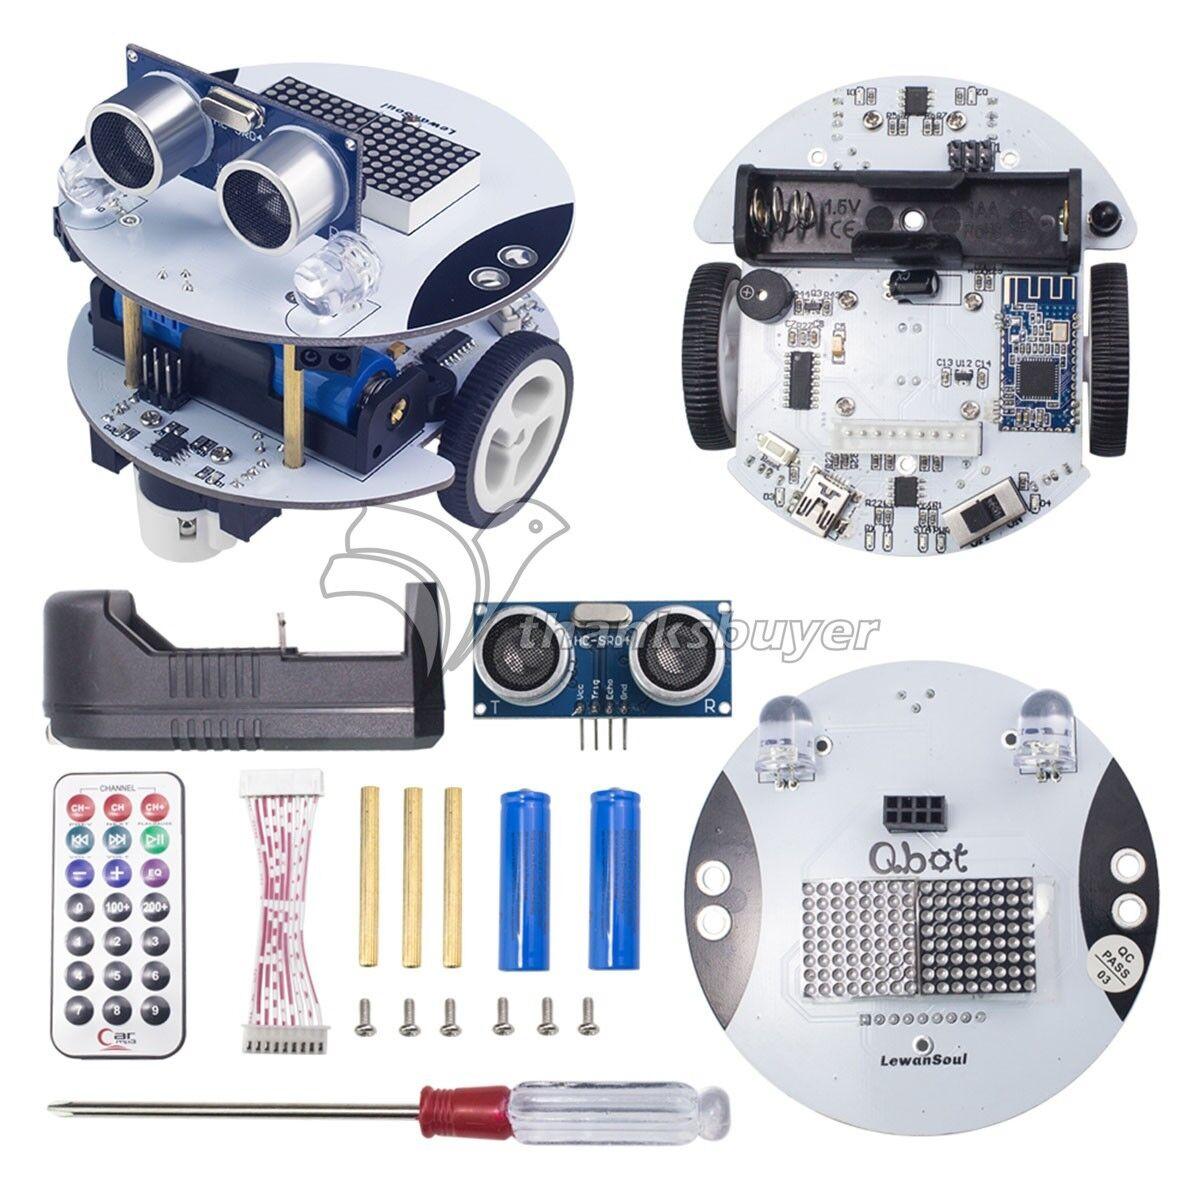 Qbot Programmable Smart Robot Car Kit & Ultrasonic Light Sensor for Android APP